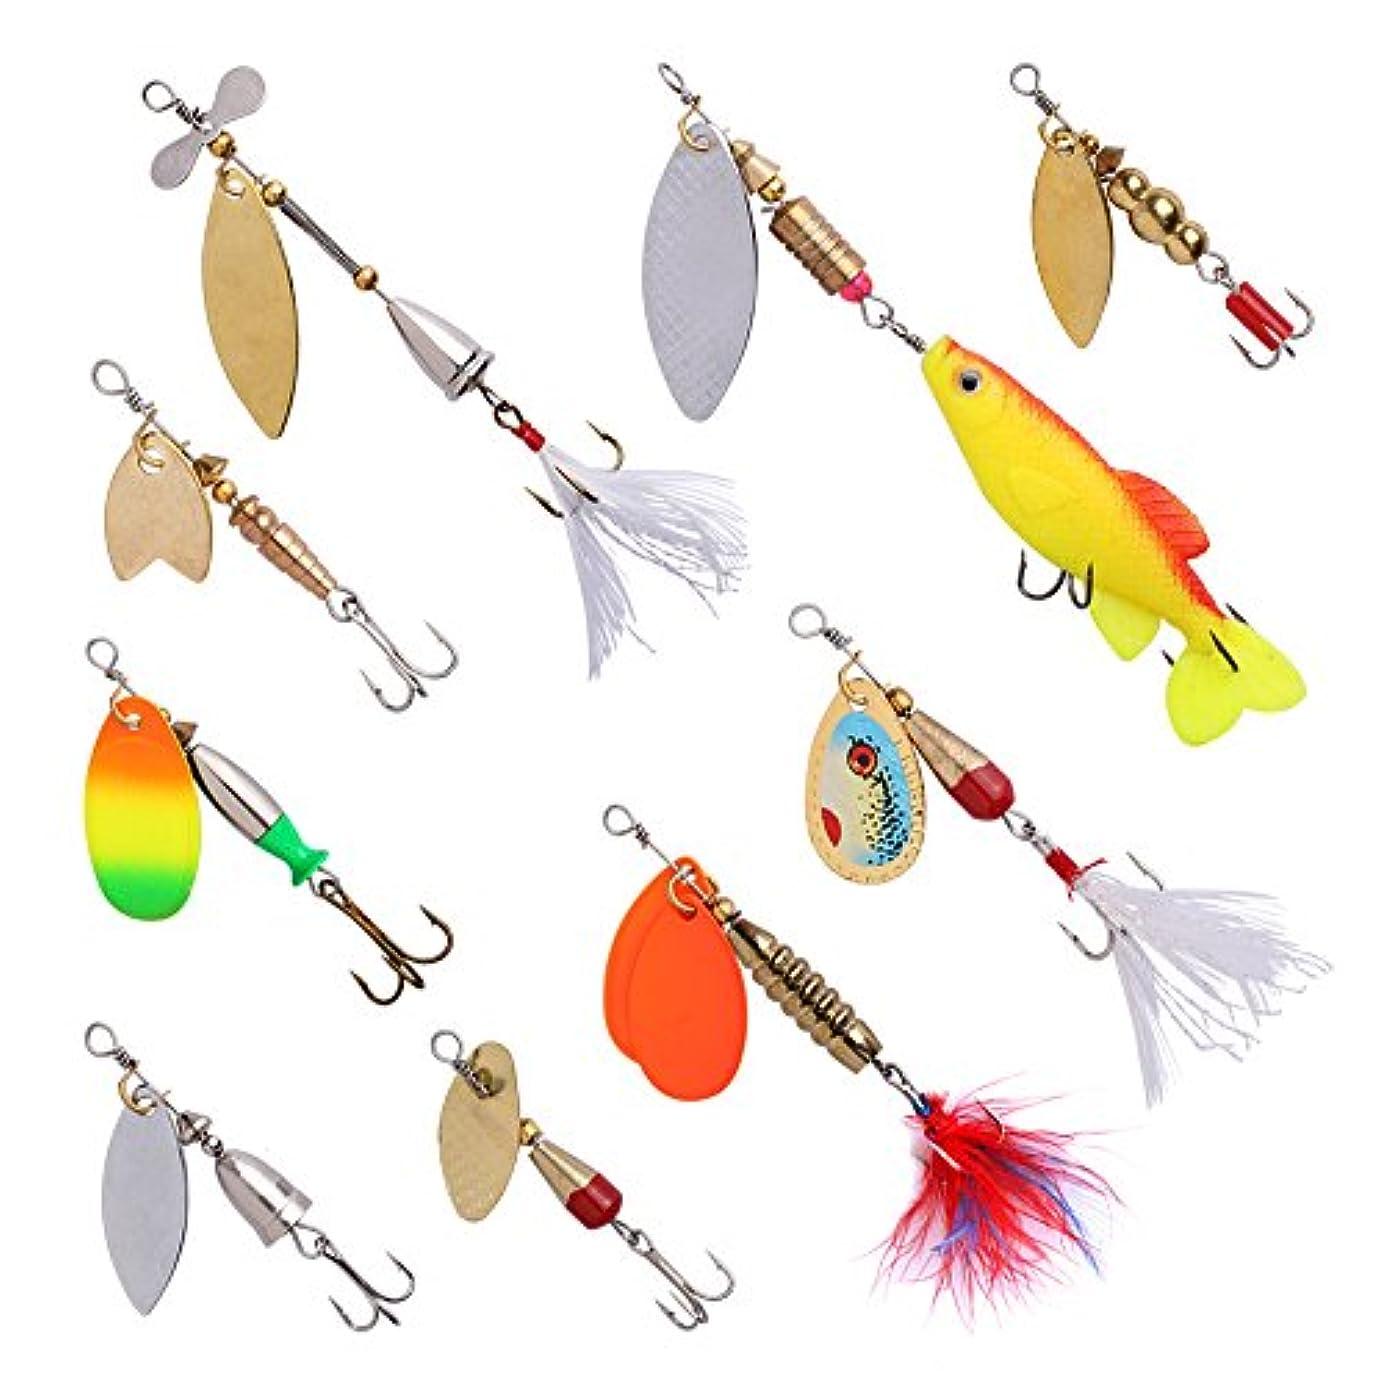 正確な特権的後世Goture Spinnerbait釣りルアー金属ハードルアーキットを釣りタックルボックスfor Bass、トラウト、Walleye、サーモン、香り、Pike